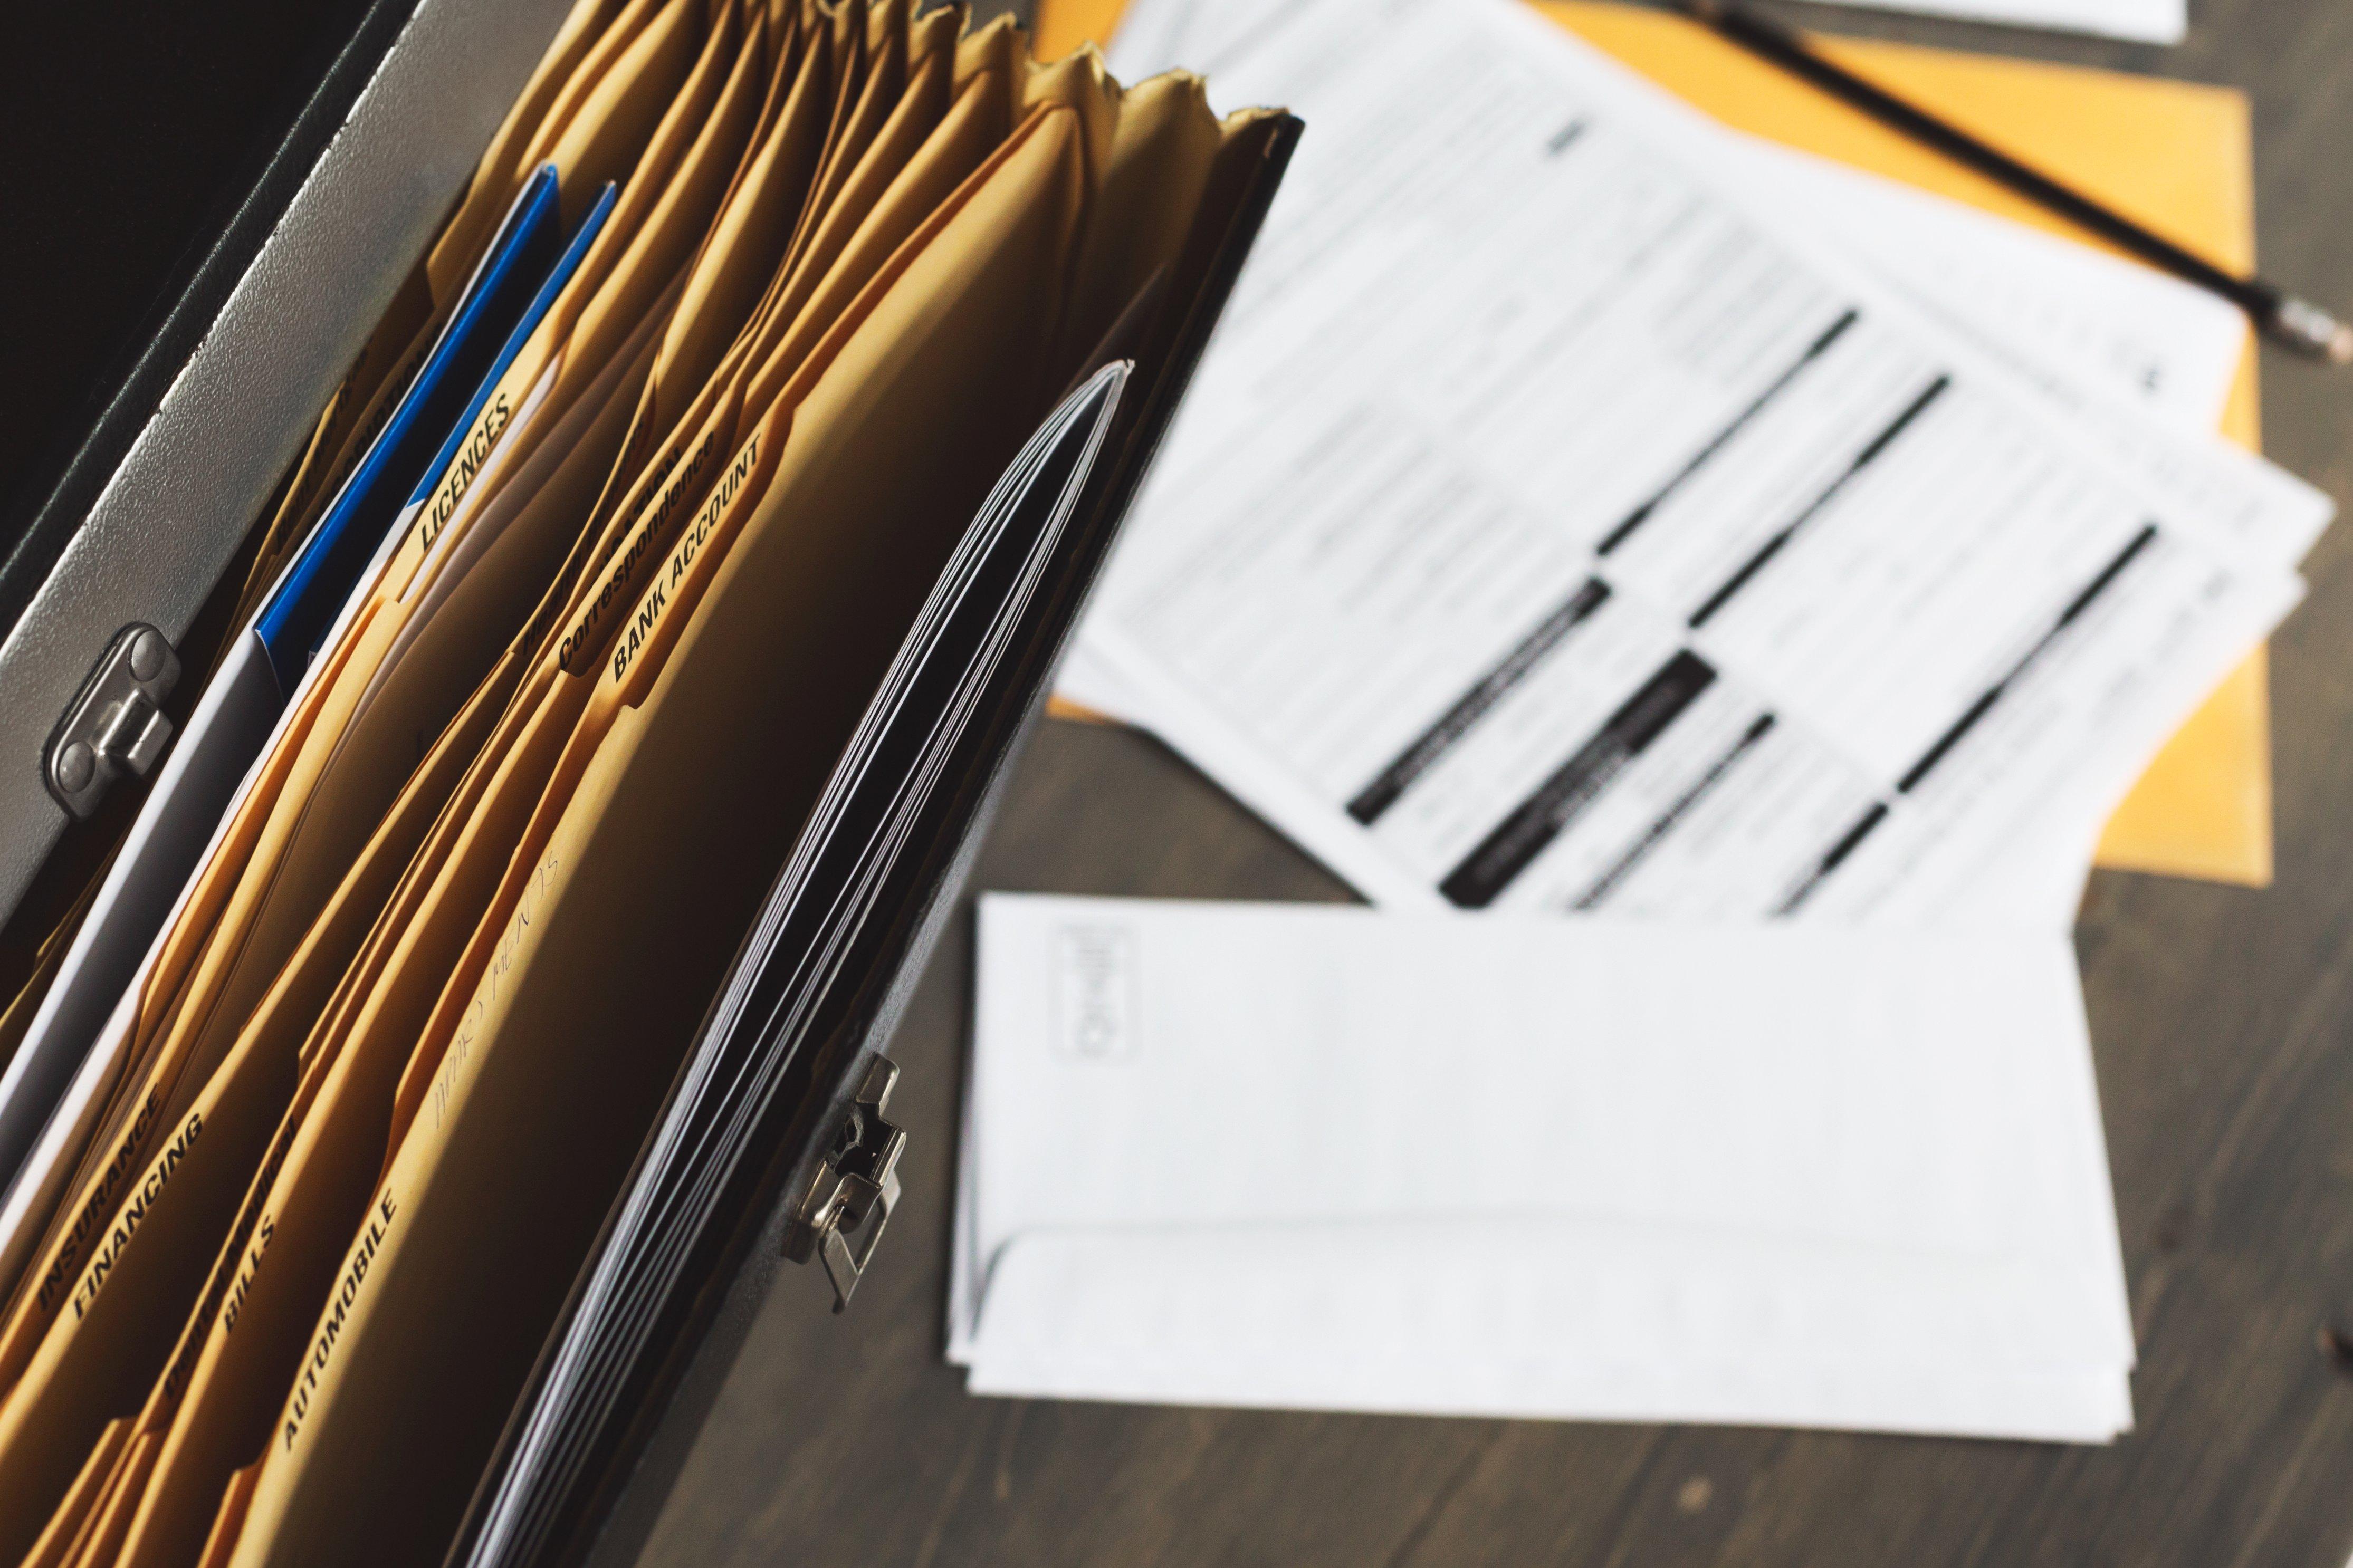 GST HST Paperwork Filing